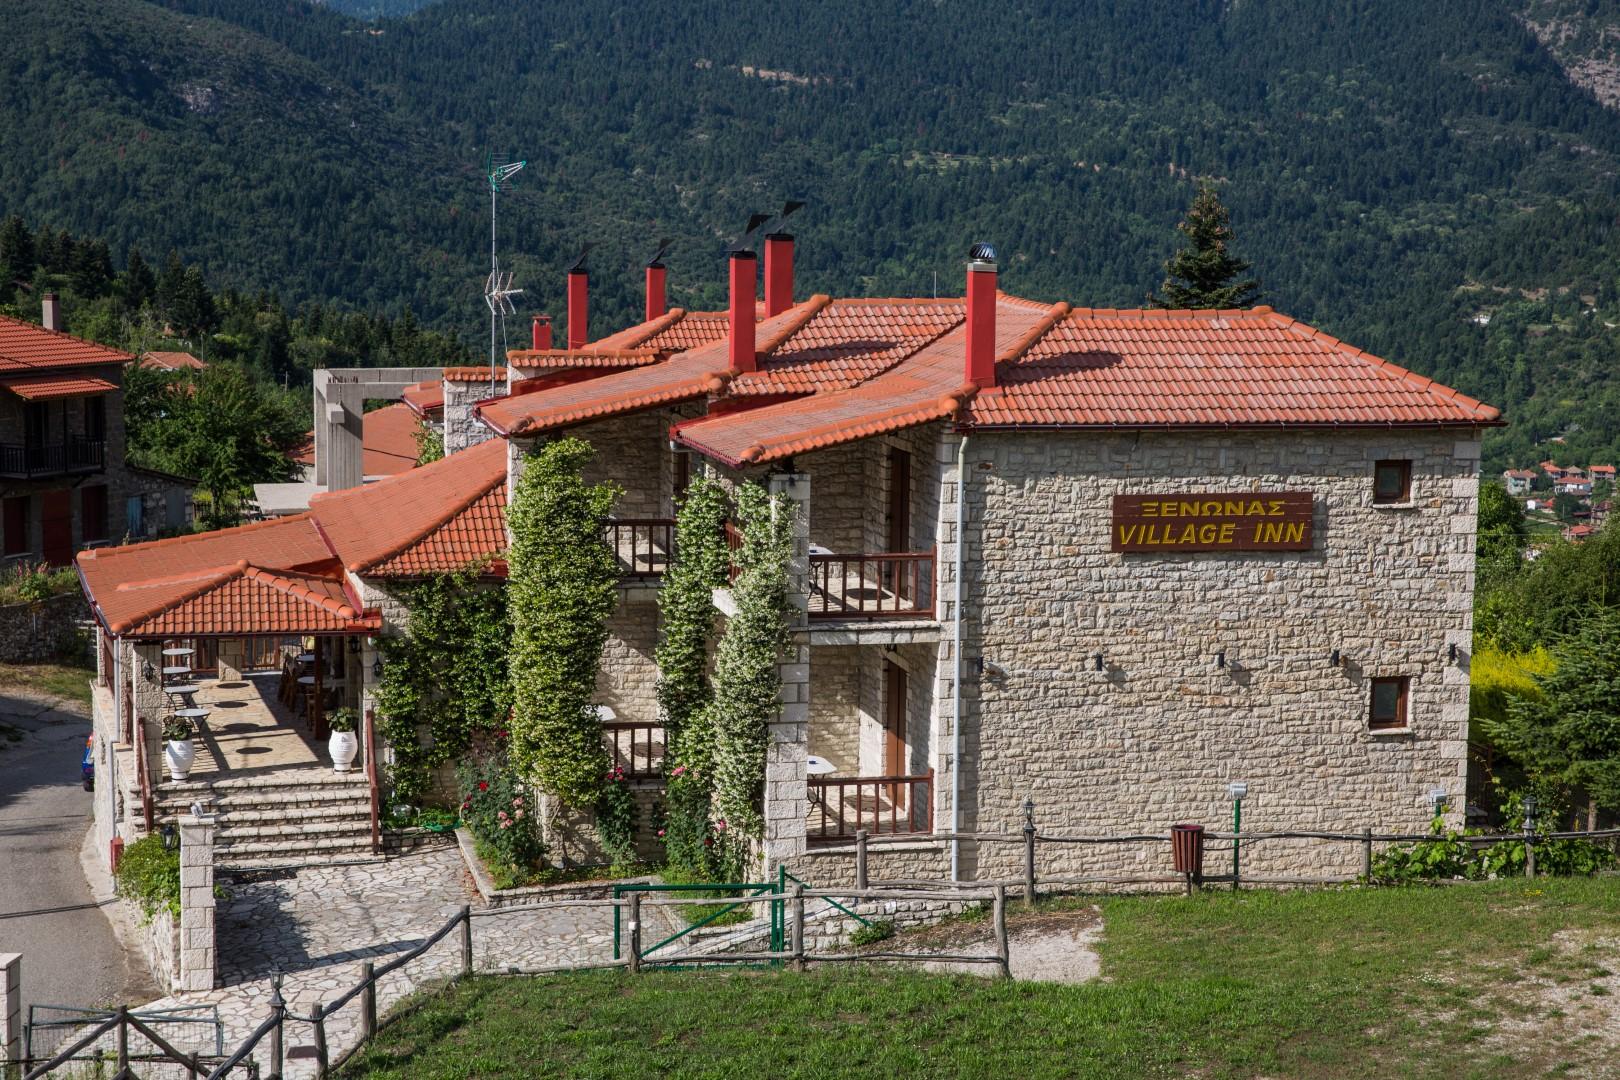 Village Inn - Ορεινή Ναυπακτία ✦ 3 Ημέρες (2 Διανυκτερεύσεις) ✦ 2 άτομα + 1 παιδί έως 6 ετών ✦ Πρωινό ✦ έως 30/04/2022 ✦ Πανέμορφη Τοποθεσία!